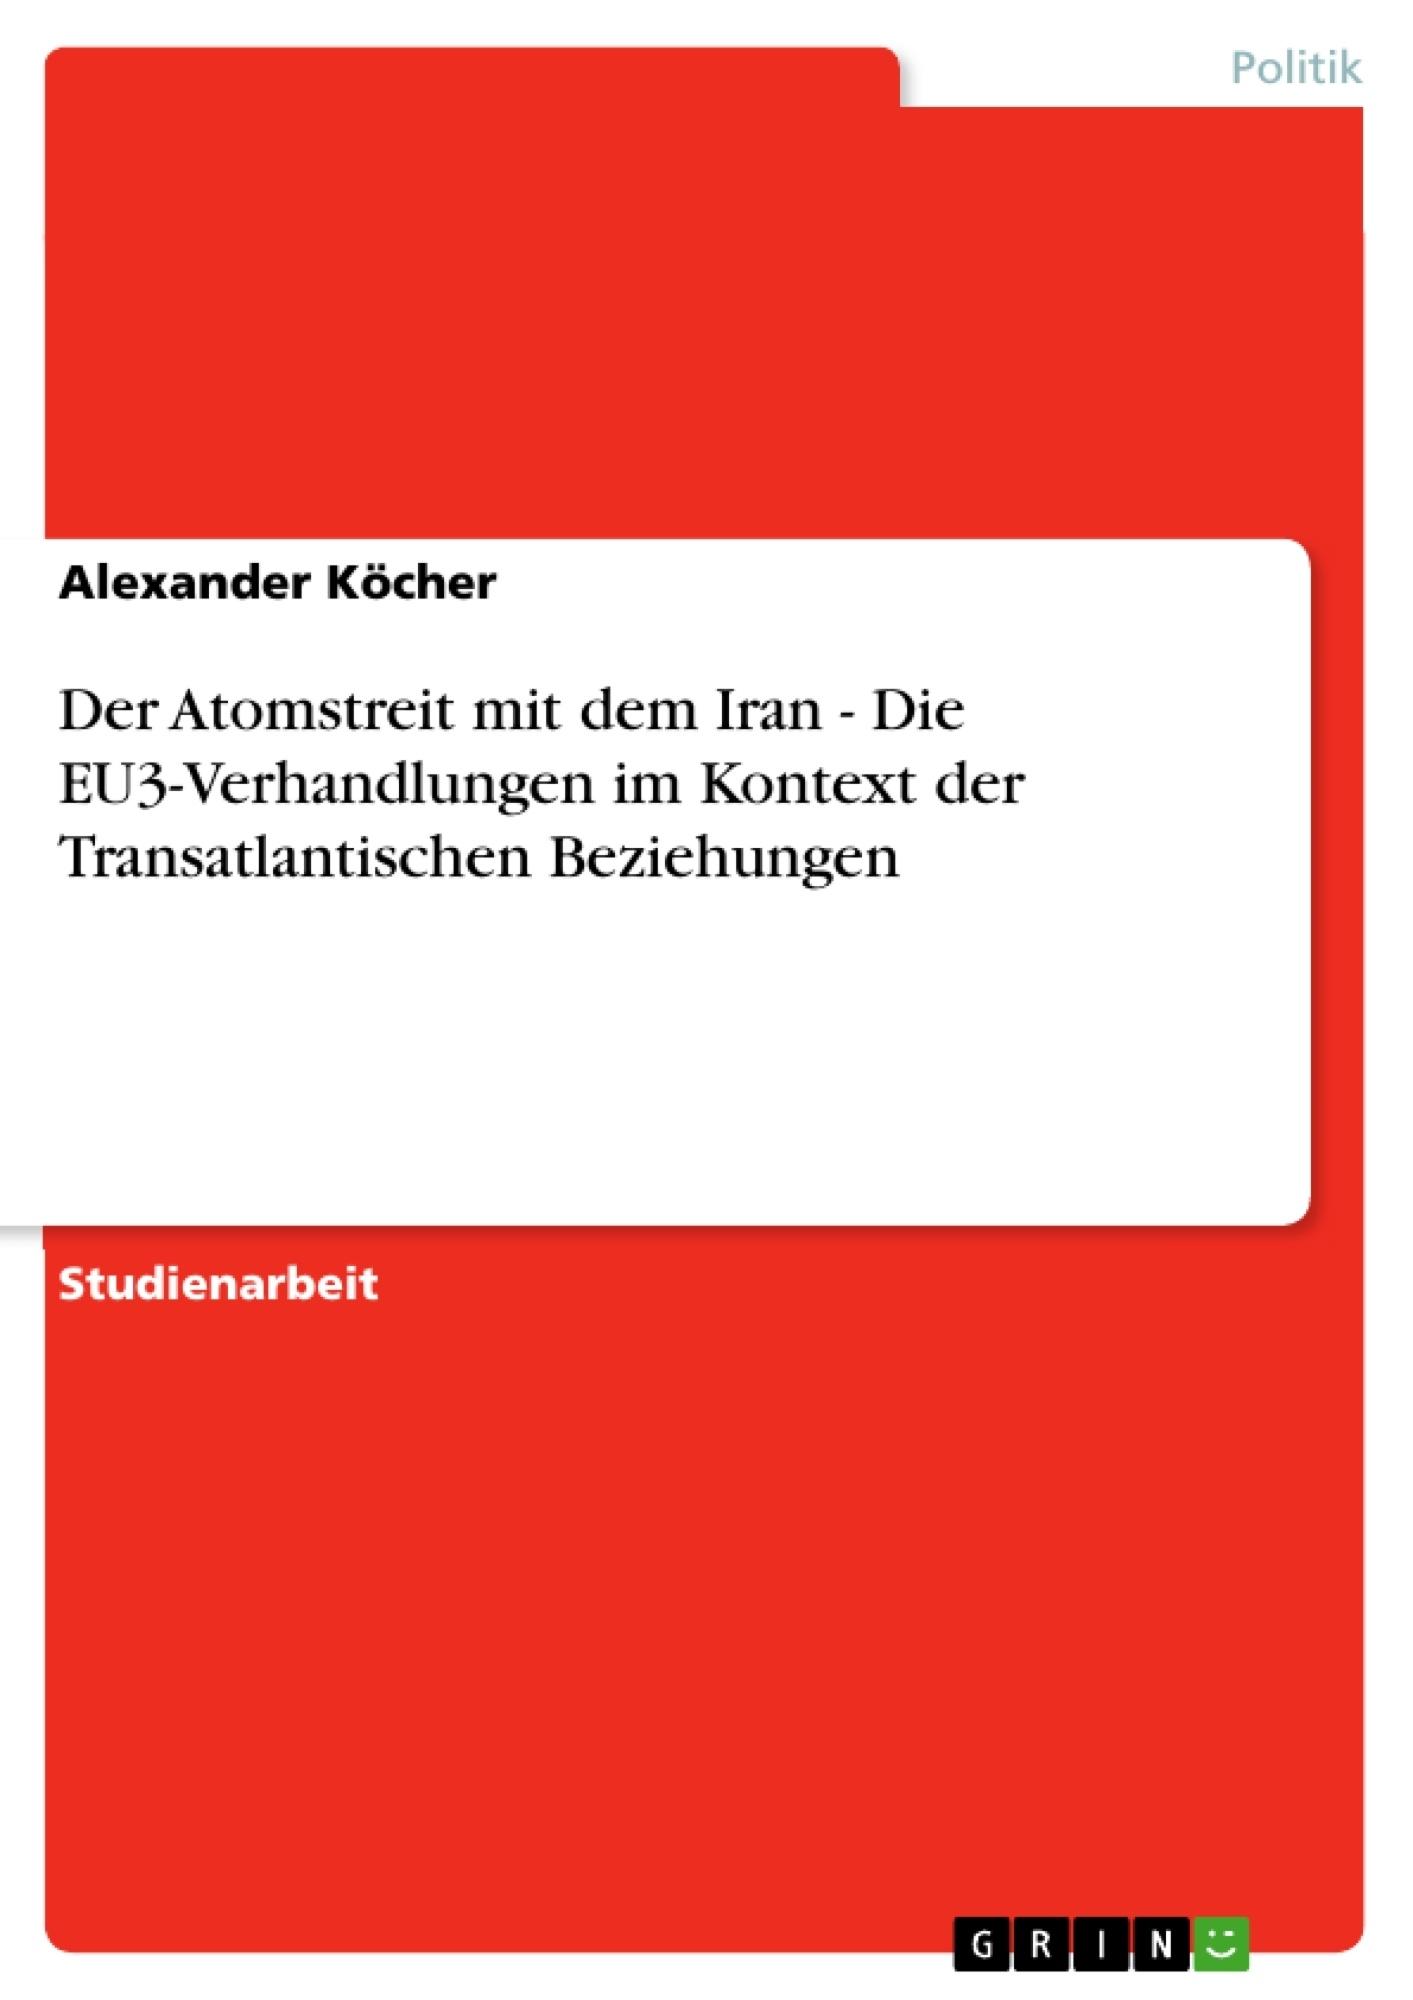 Titel: Der Atomstreit mit dem Iran - Die EU3-Verhandlungen im Kontext der Transatlantischen Beziehungen